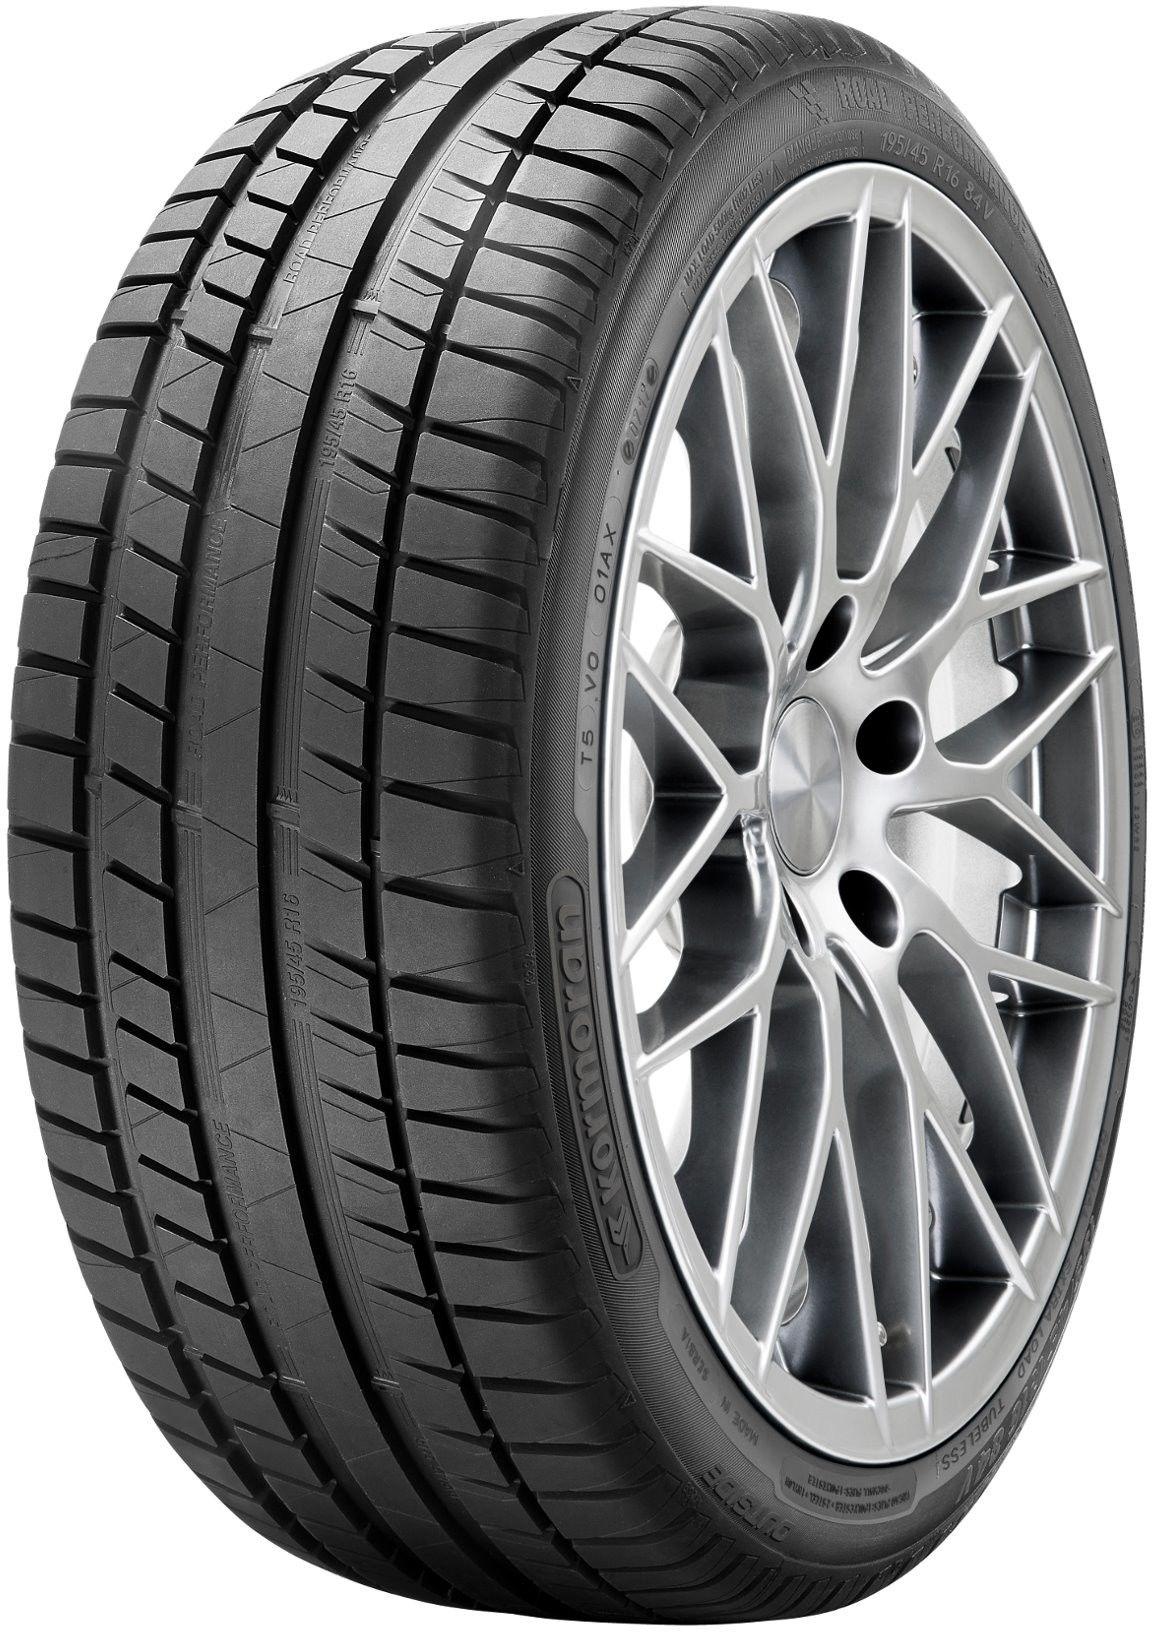 Kormoran Road Performance 205/55R16 94 W XL